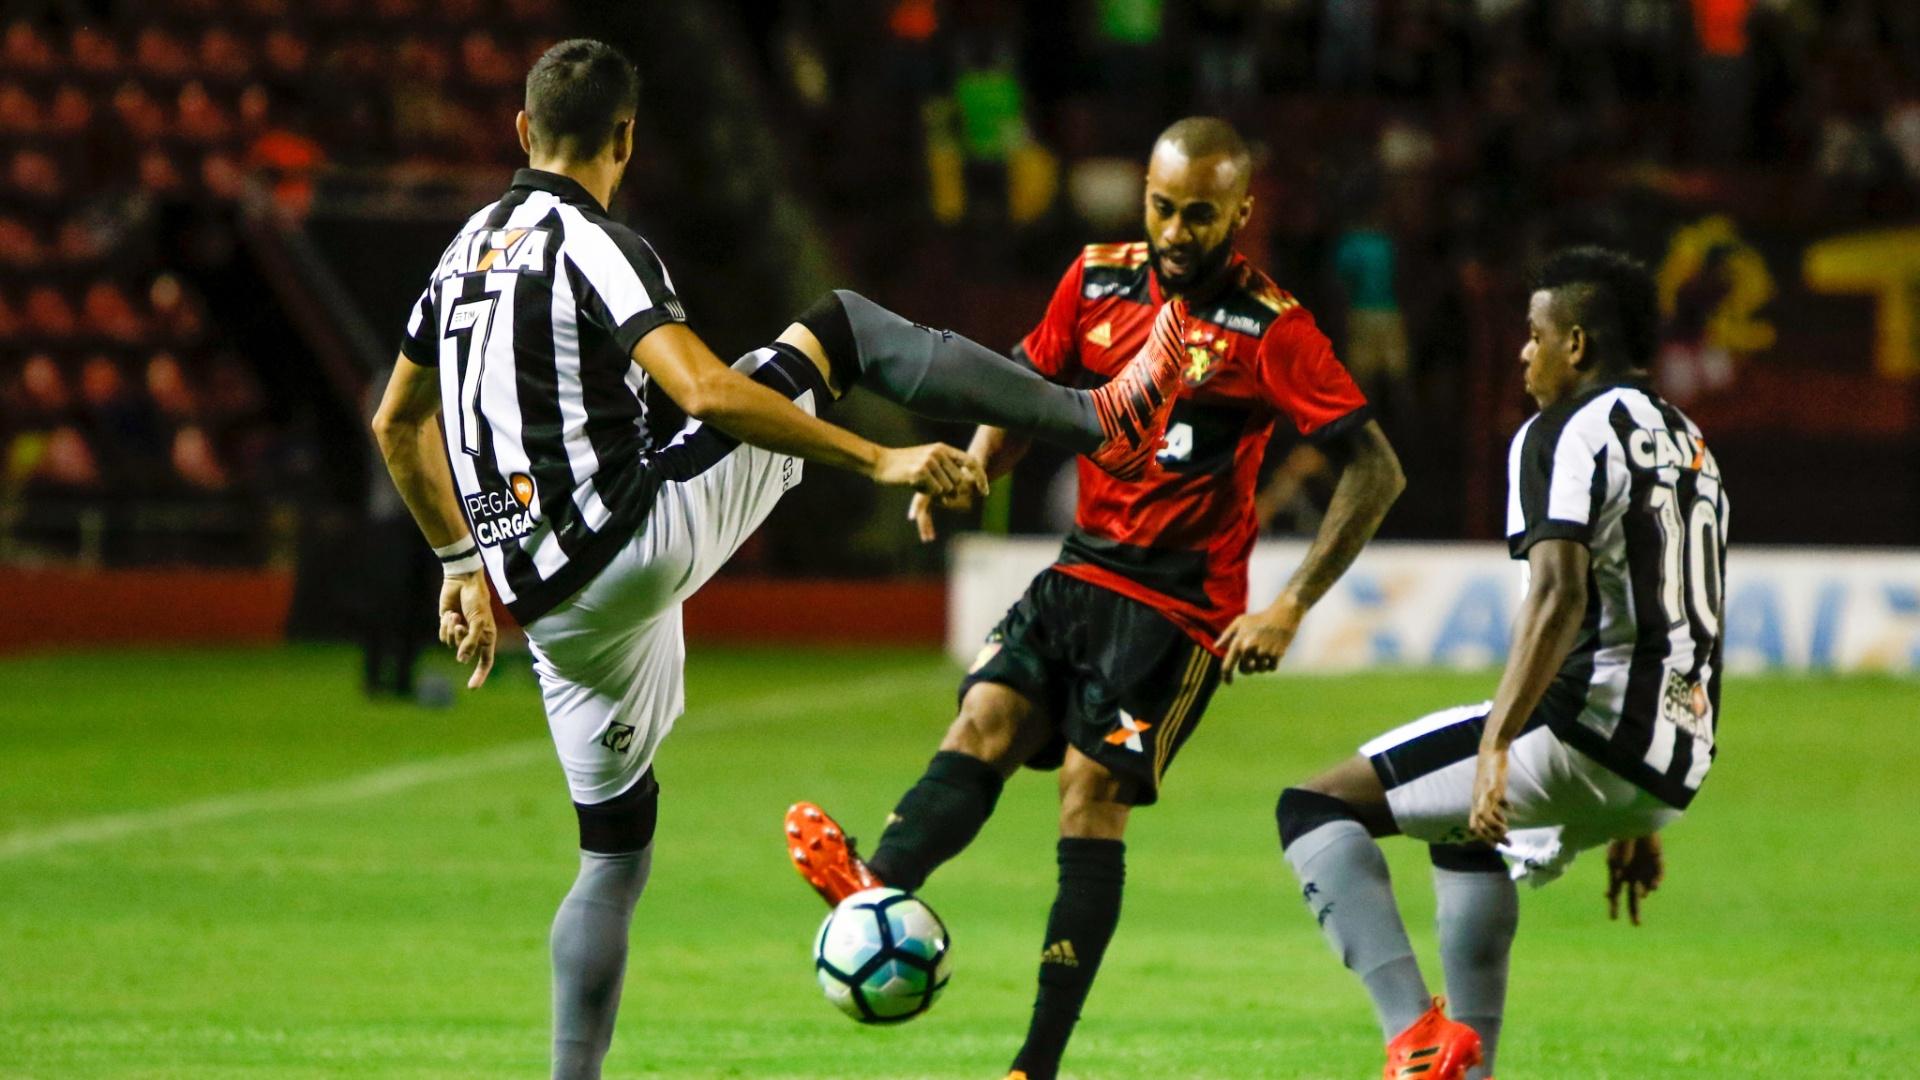 Wesley disputa bola em Sport e Botafogo pelo Campeonato Brasileiro